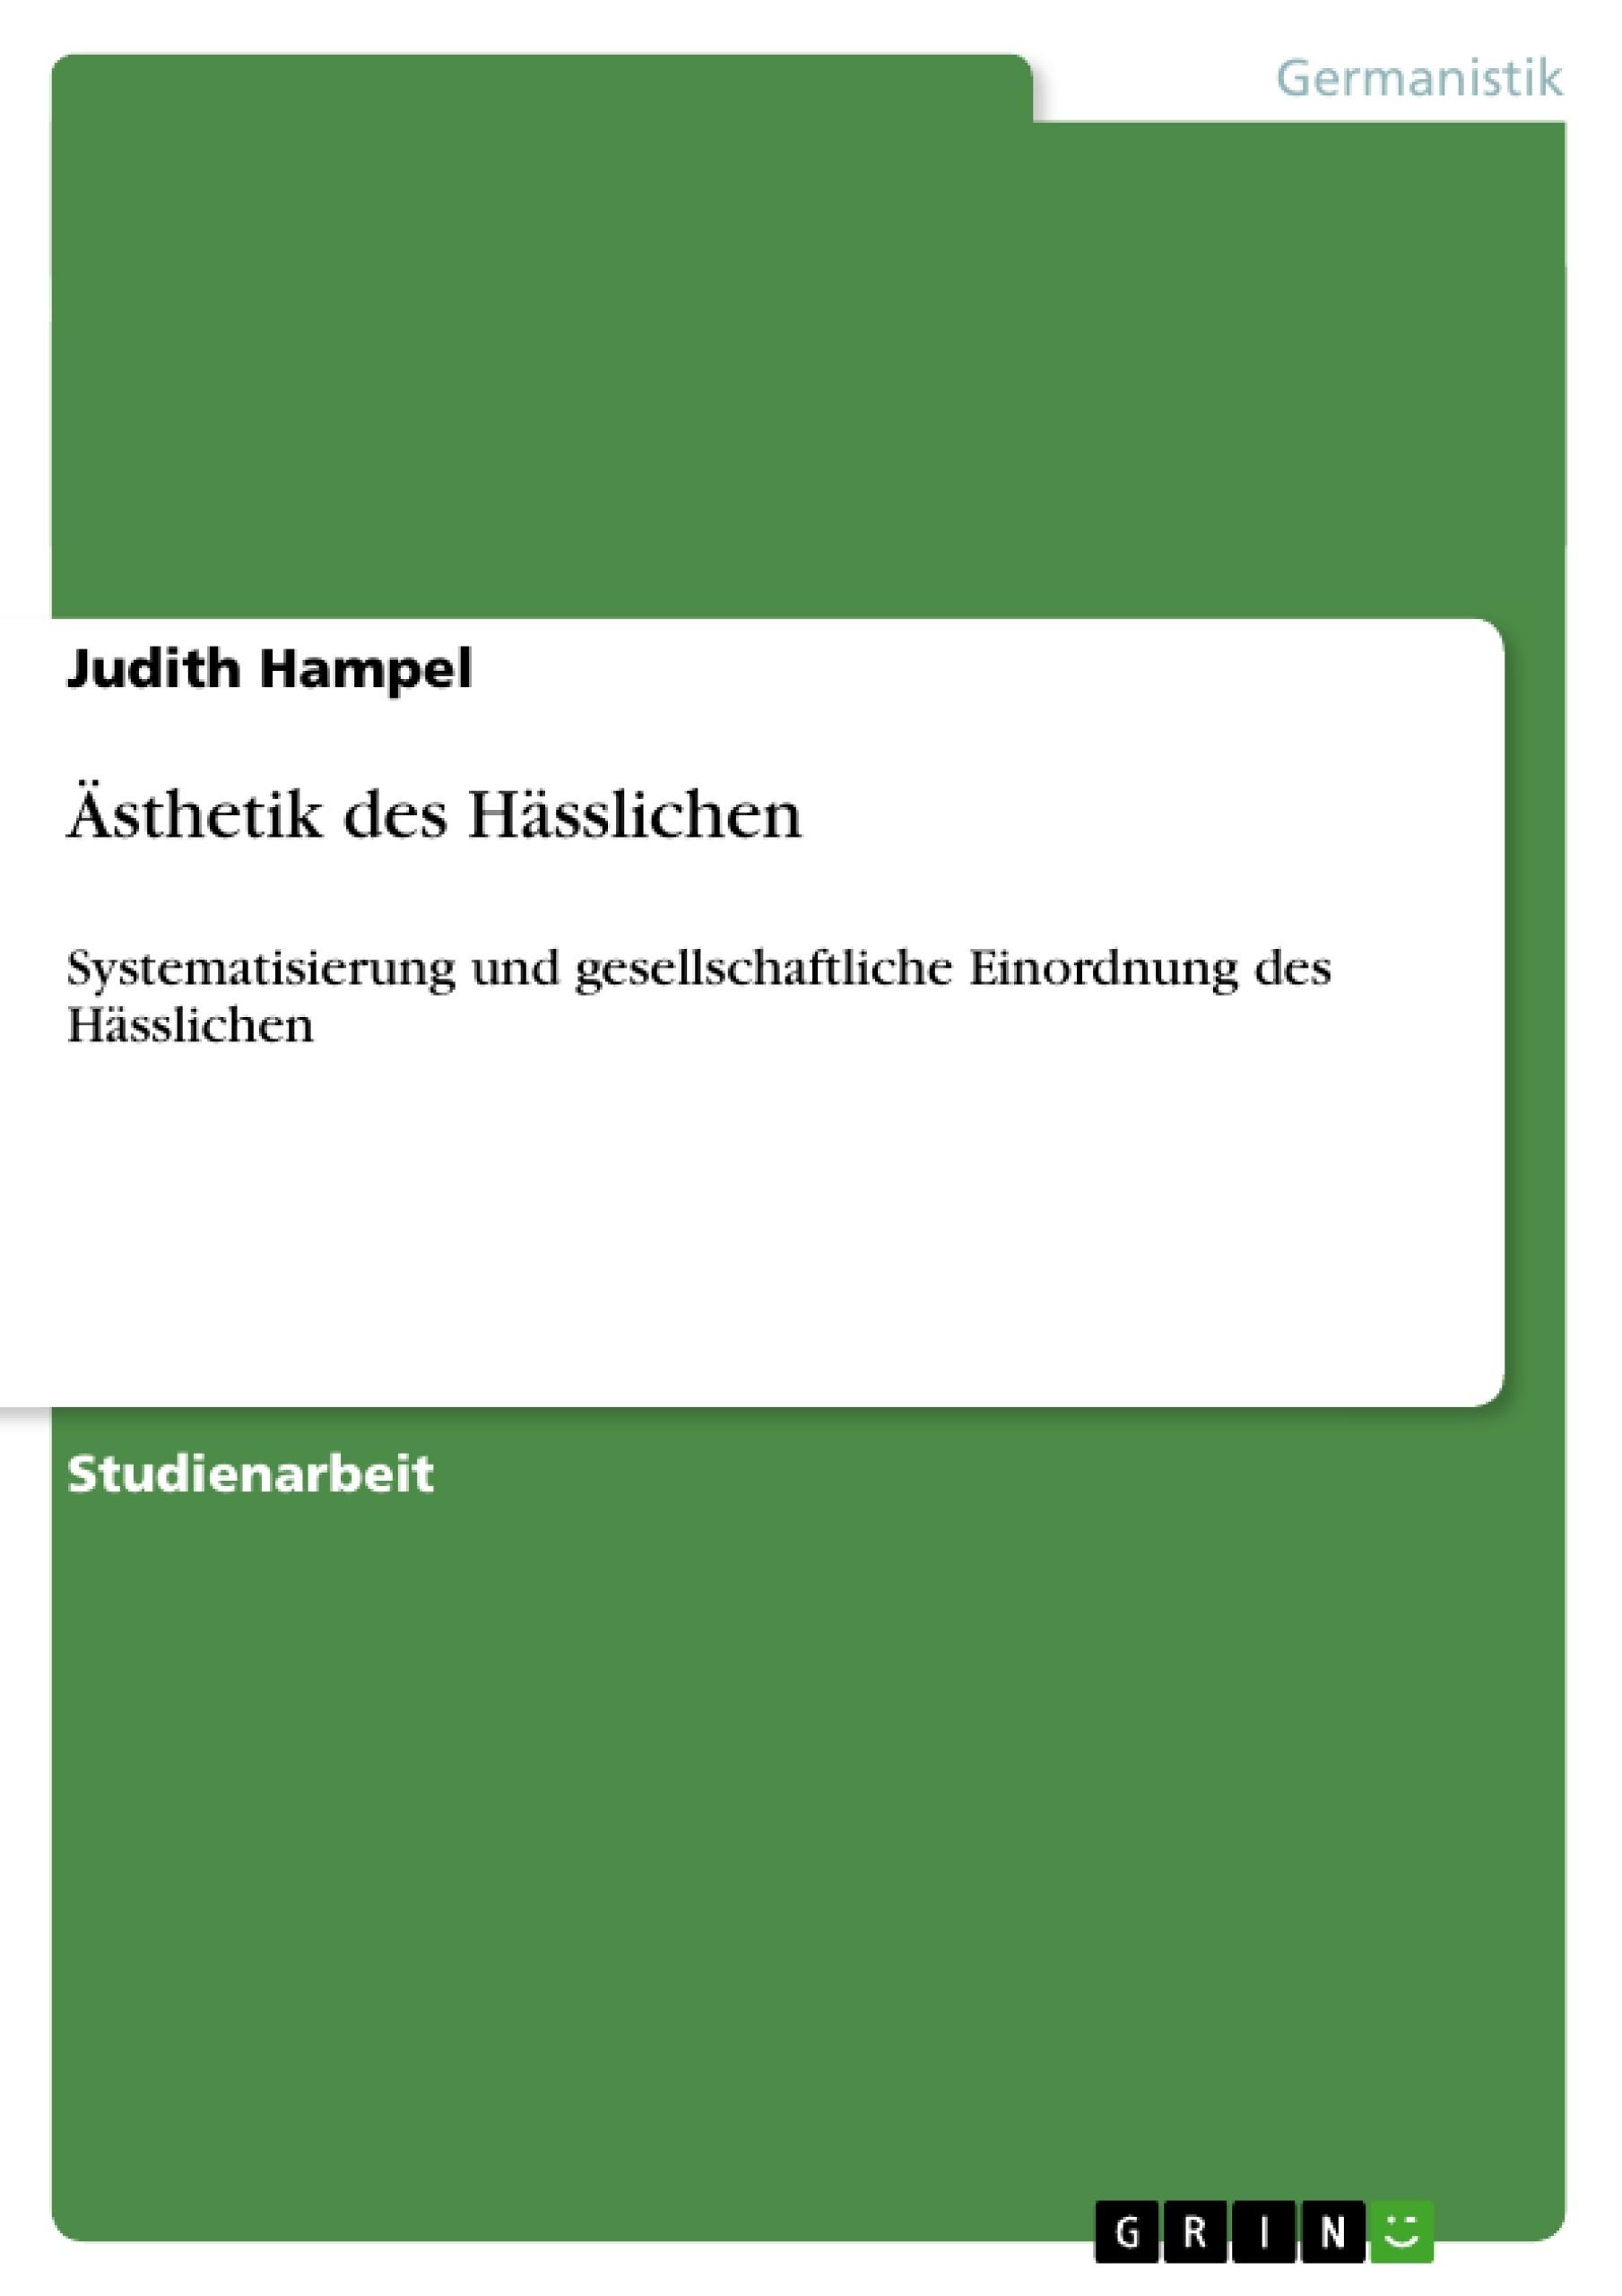 Titel: Ästhetik des Hässlichen